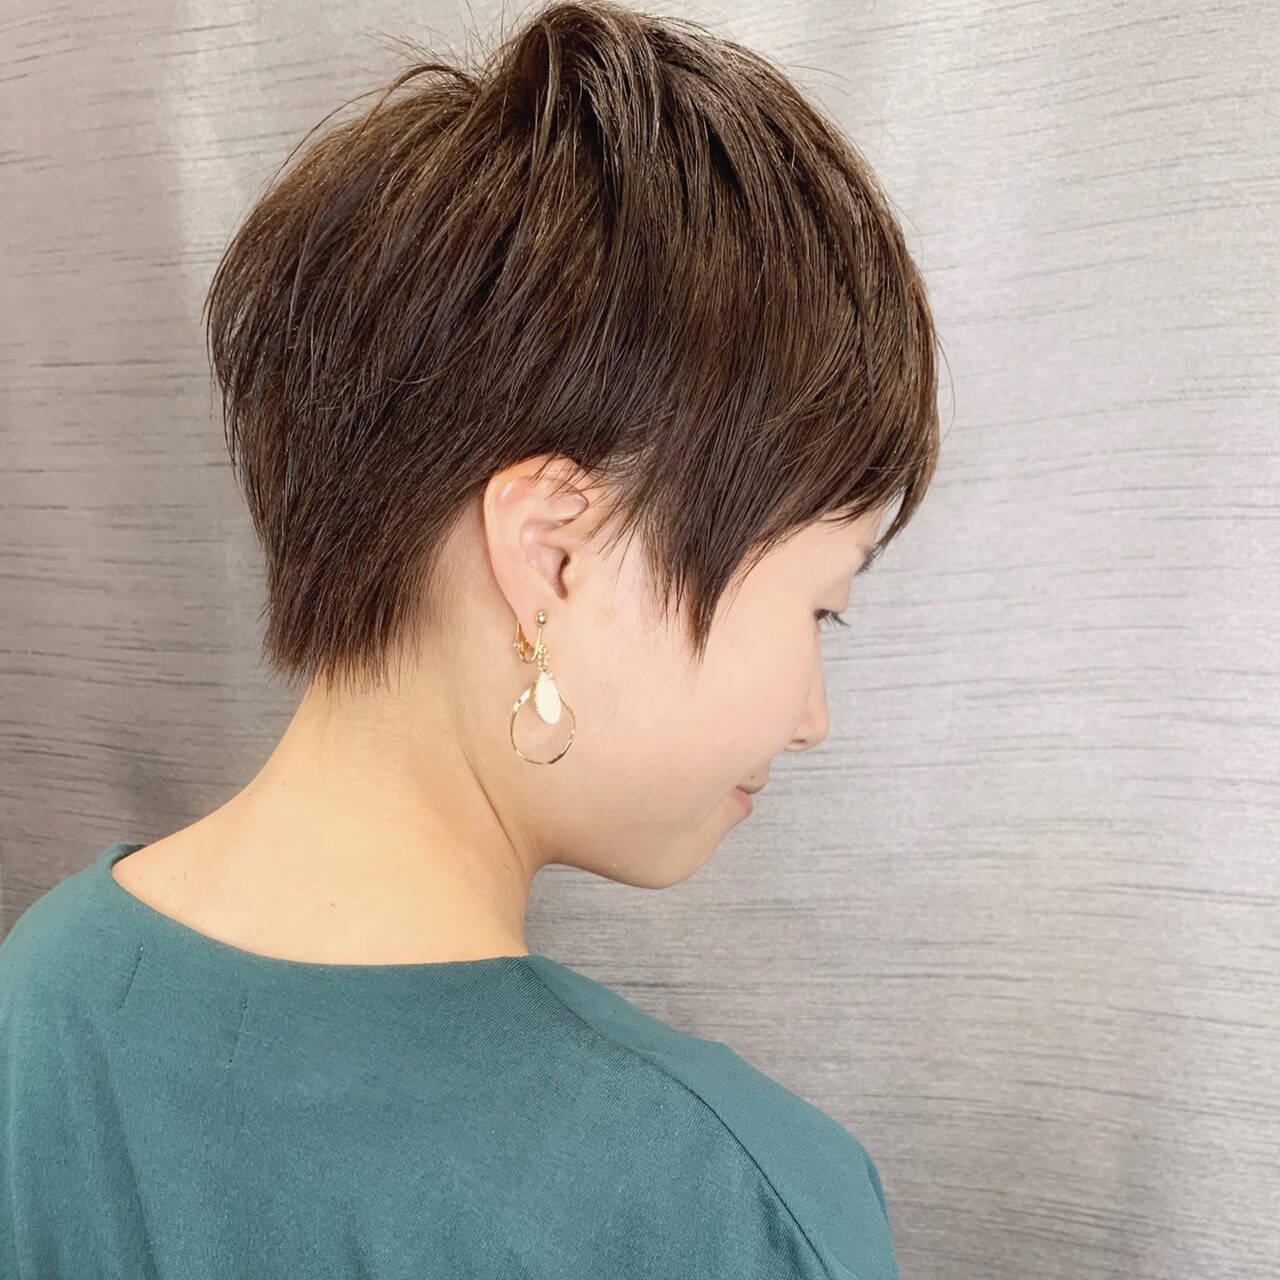 ショートヘア 前下がりショート 小顔ショート ショートヘアスタイルや髪型の写真・画像